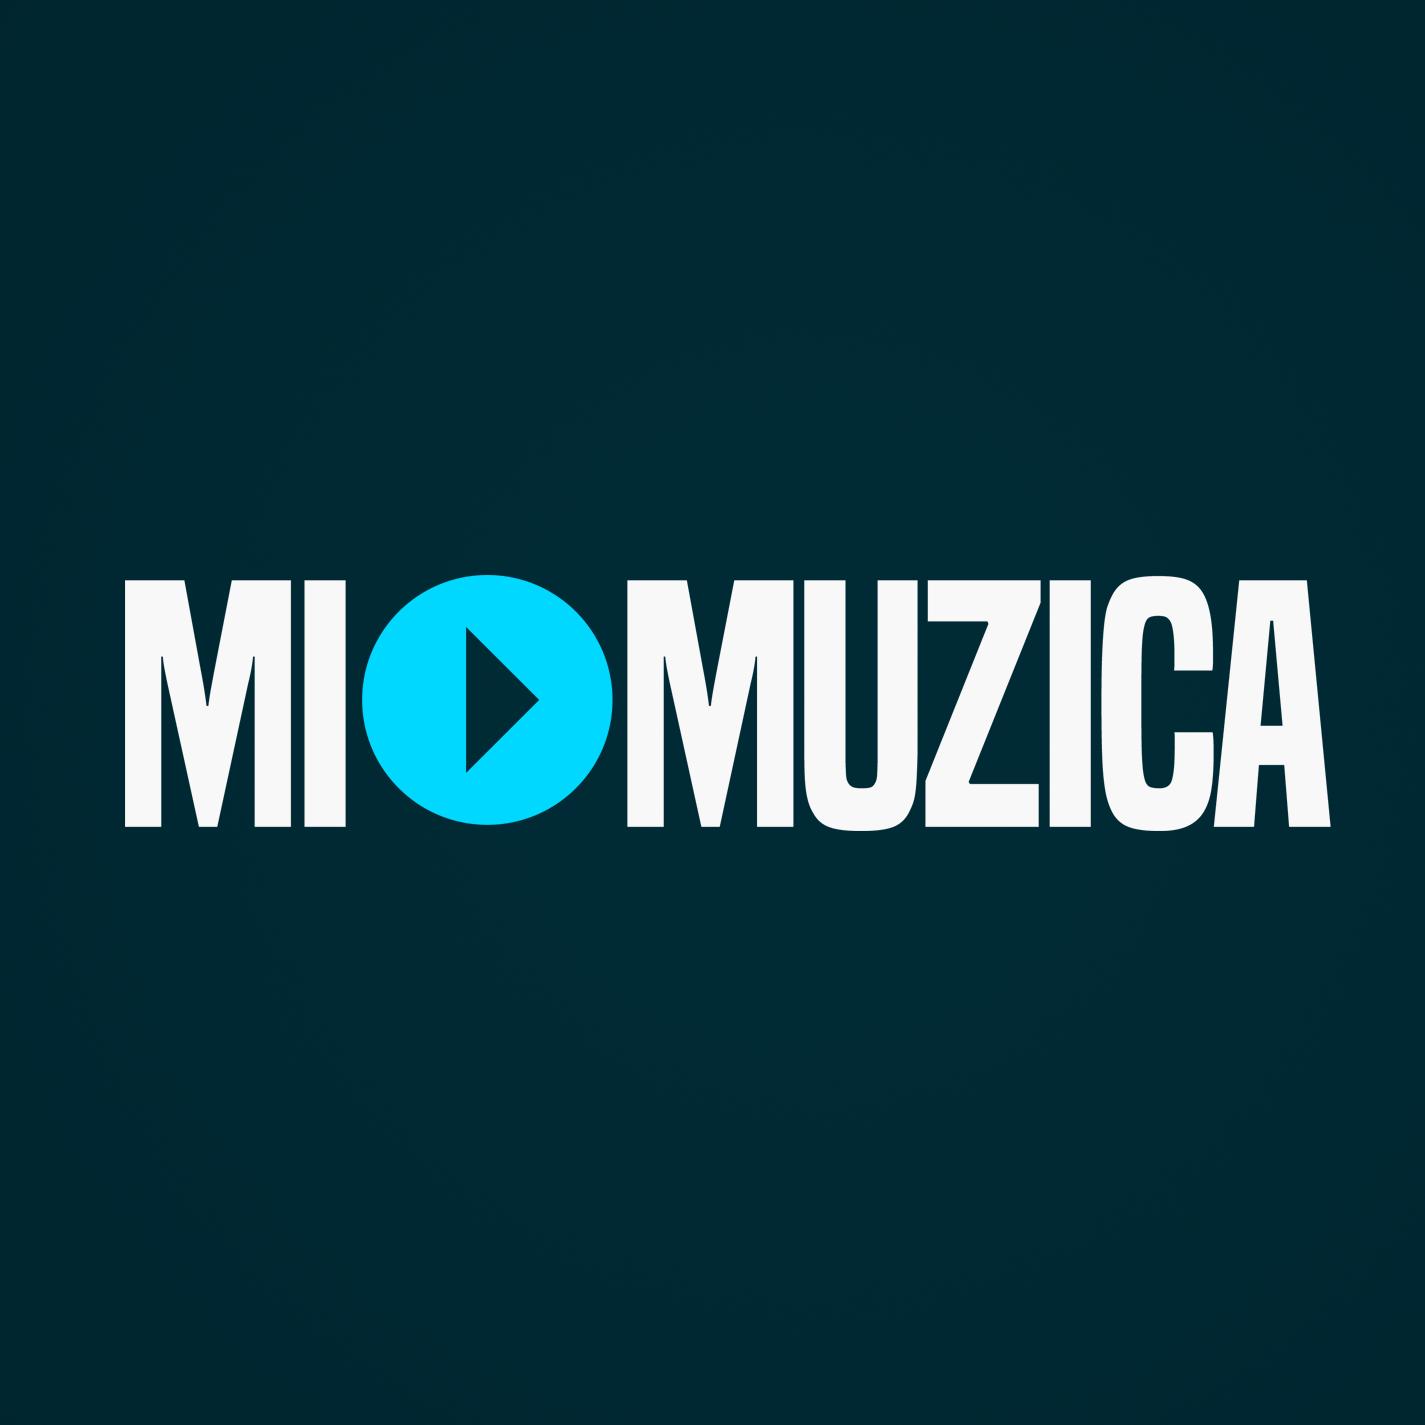 Mi Muzica | Salsa Exitos | 128k | www.mimuzica.com